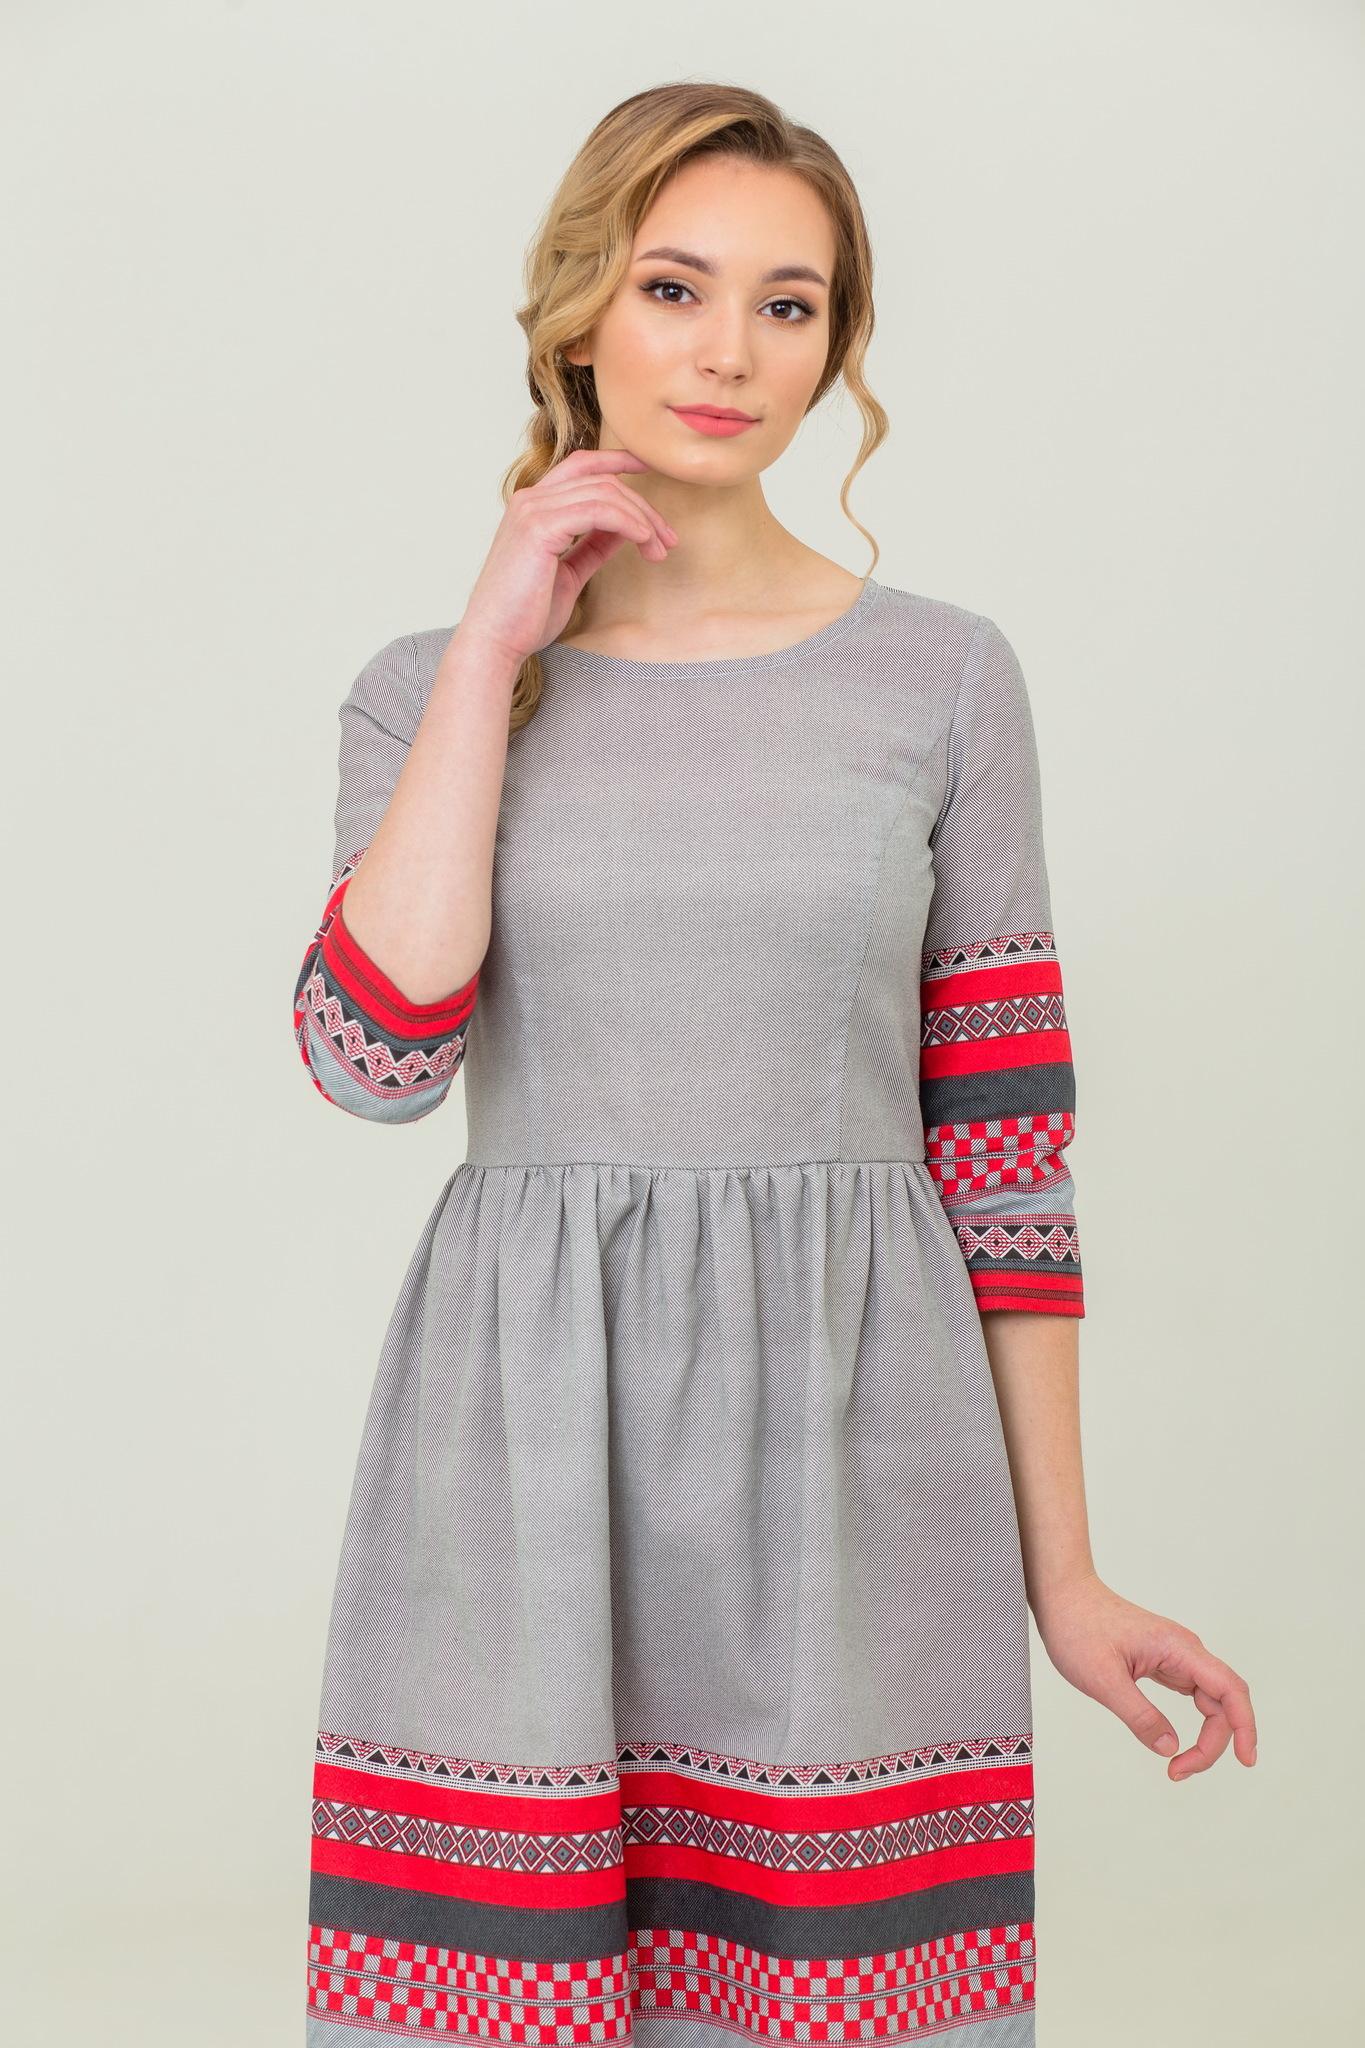 Льняное платье Шамбала купить с доставкой